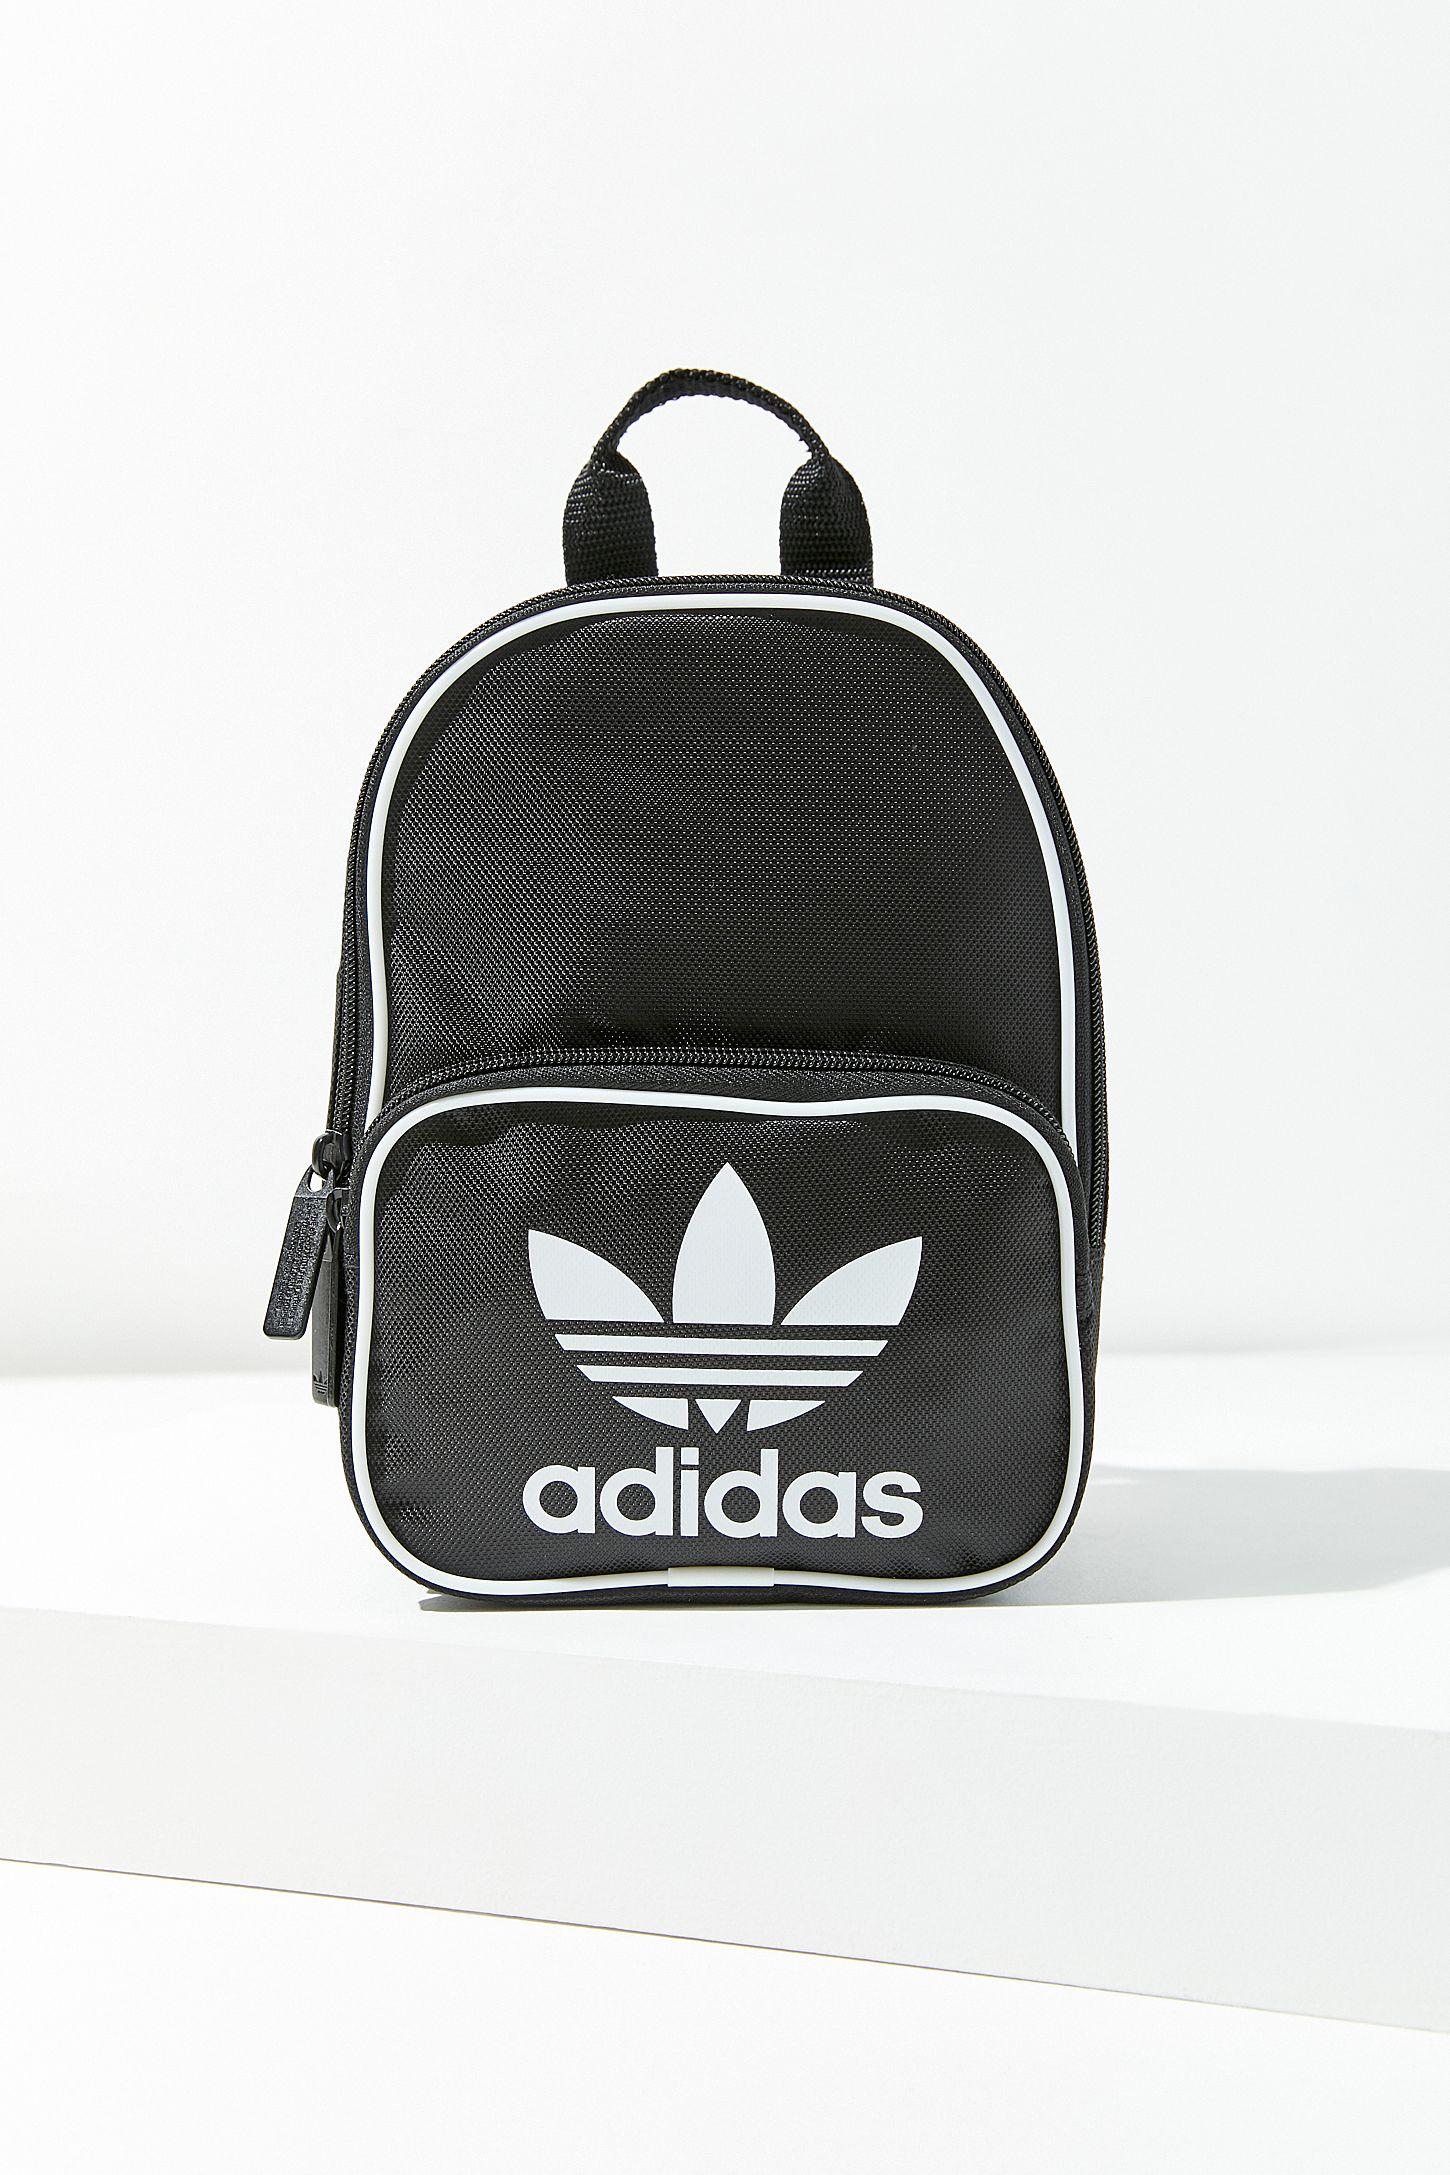 bag adidas originals